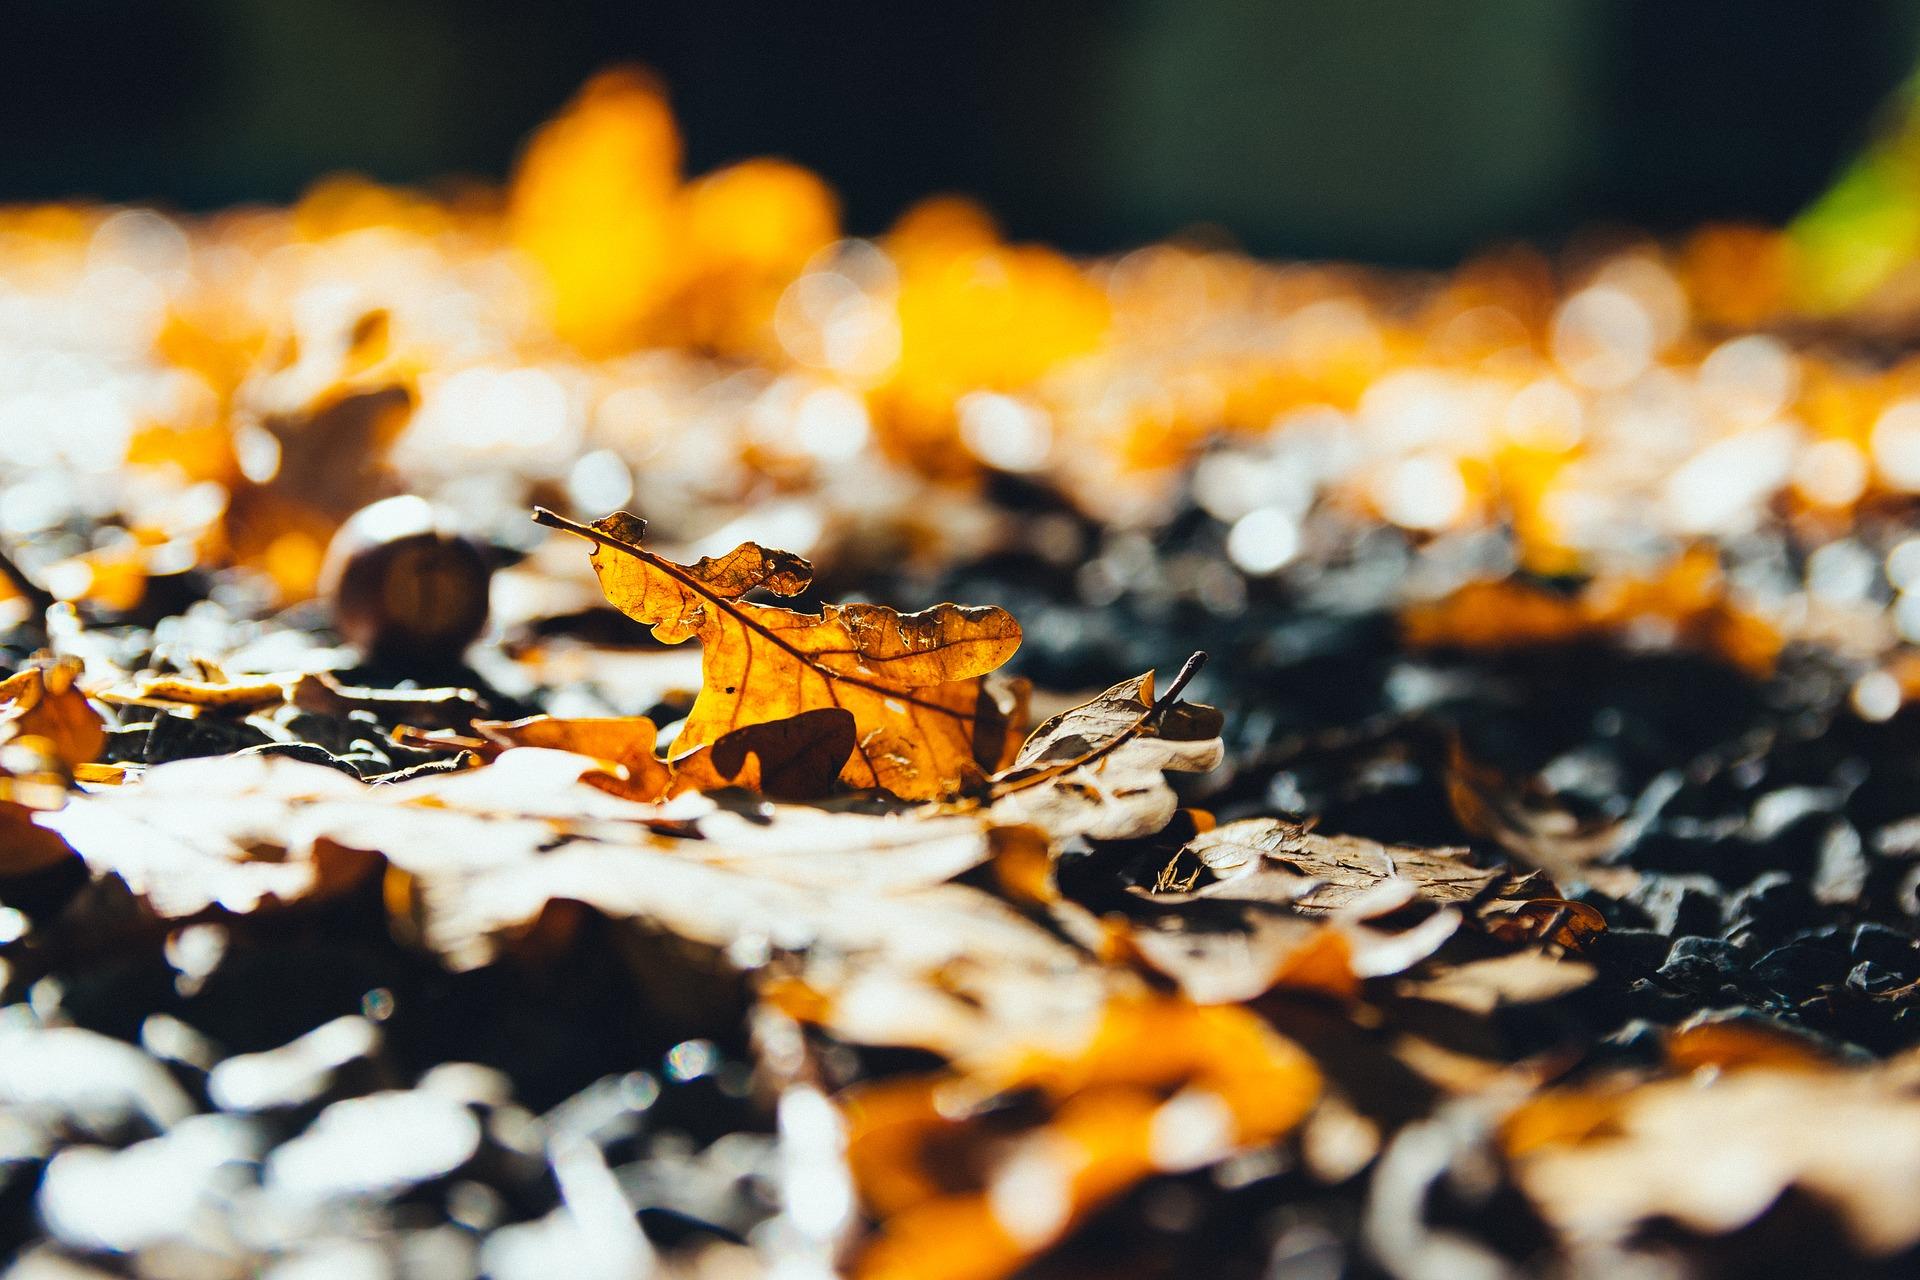 Auf dem Bild sieht man ein braunes Eichenblatt im Sonnenschein. Es liegt auf dem Boden.